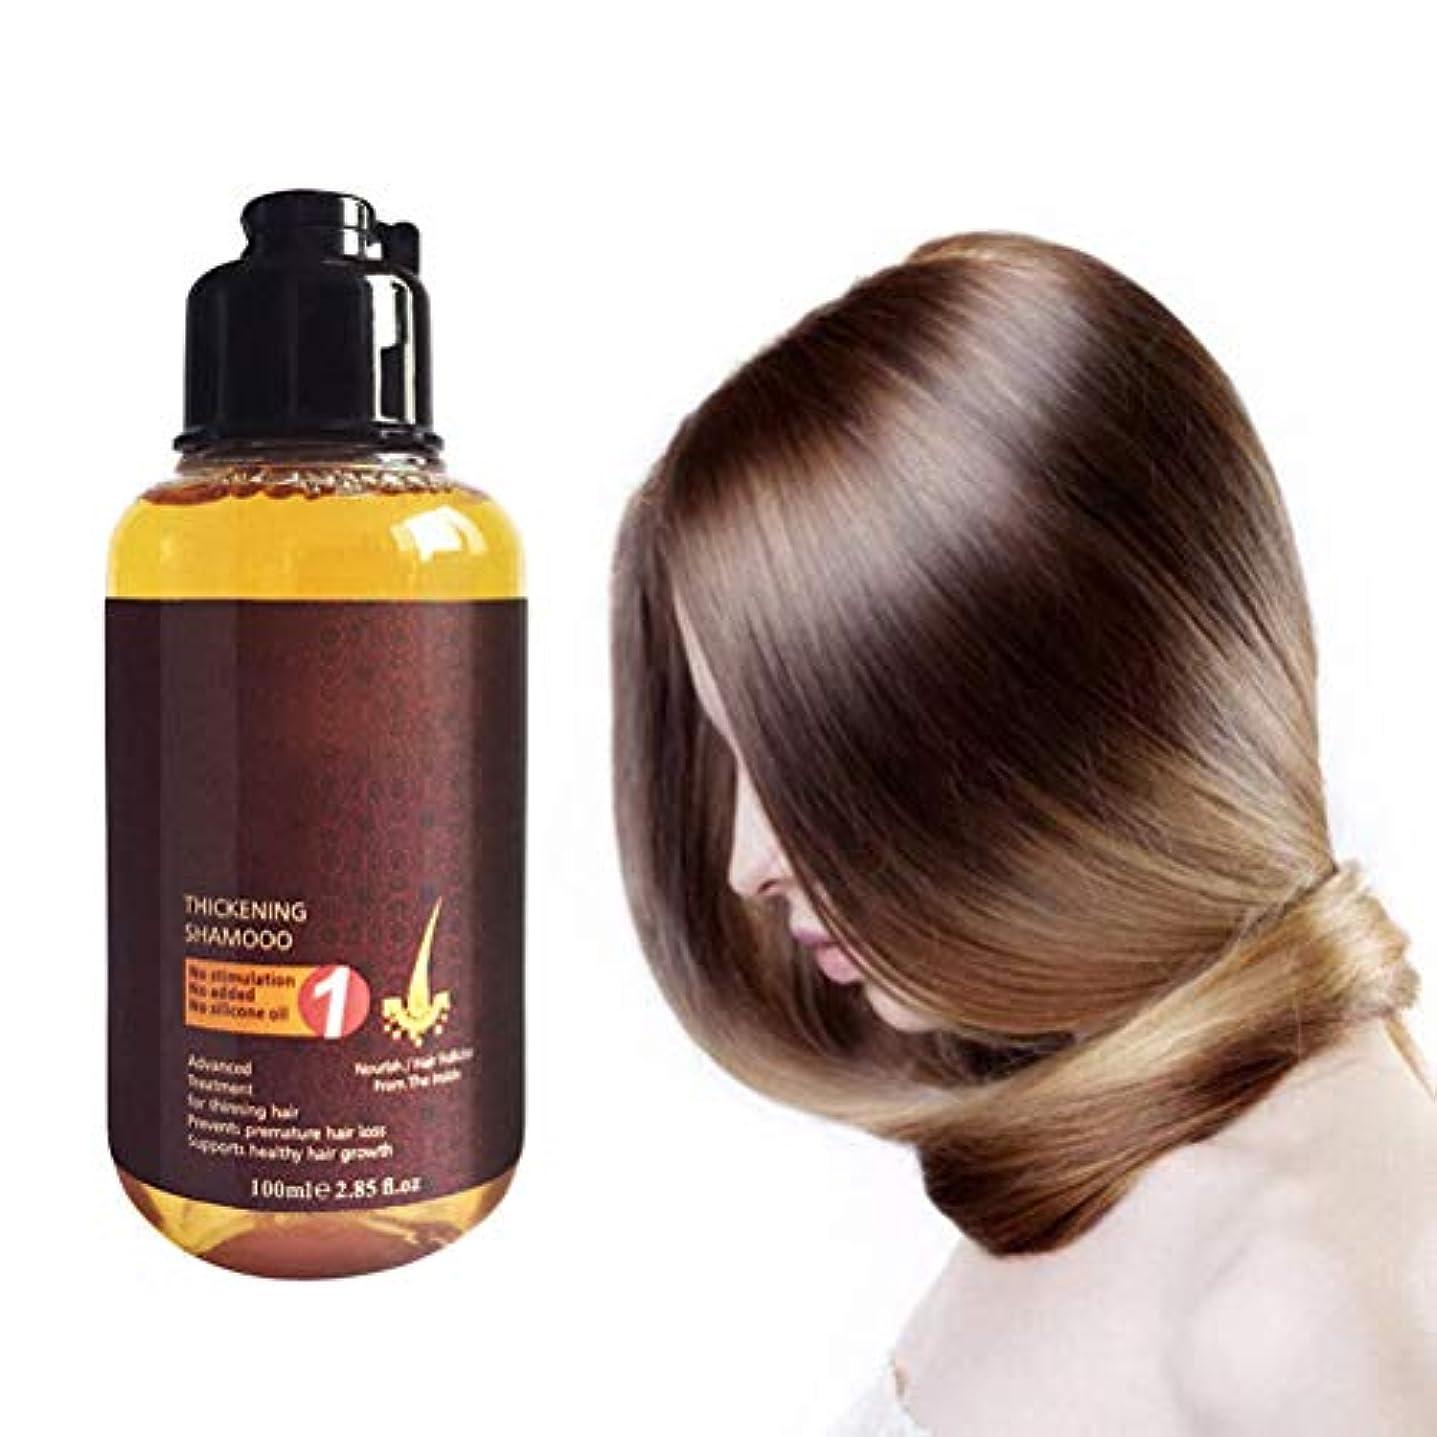 その結果悪性郵便番号supbel ヘアケアエッセンシャルオイル 天然オイル アルガンオイル ヘアケア 栄養補給 モイスチャライザー 保湿 スカルプドライヘア トリートメント やわらか なめらか スプリット 乾燥 傷んだ髪 修復 男女兼用 100ml